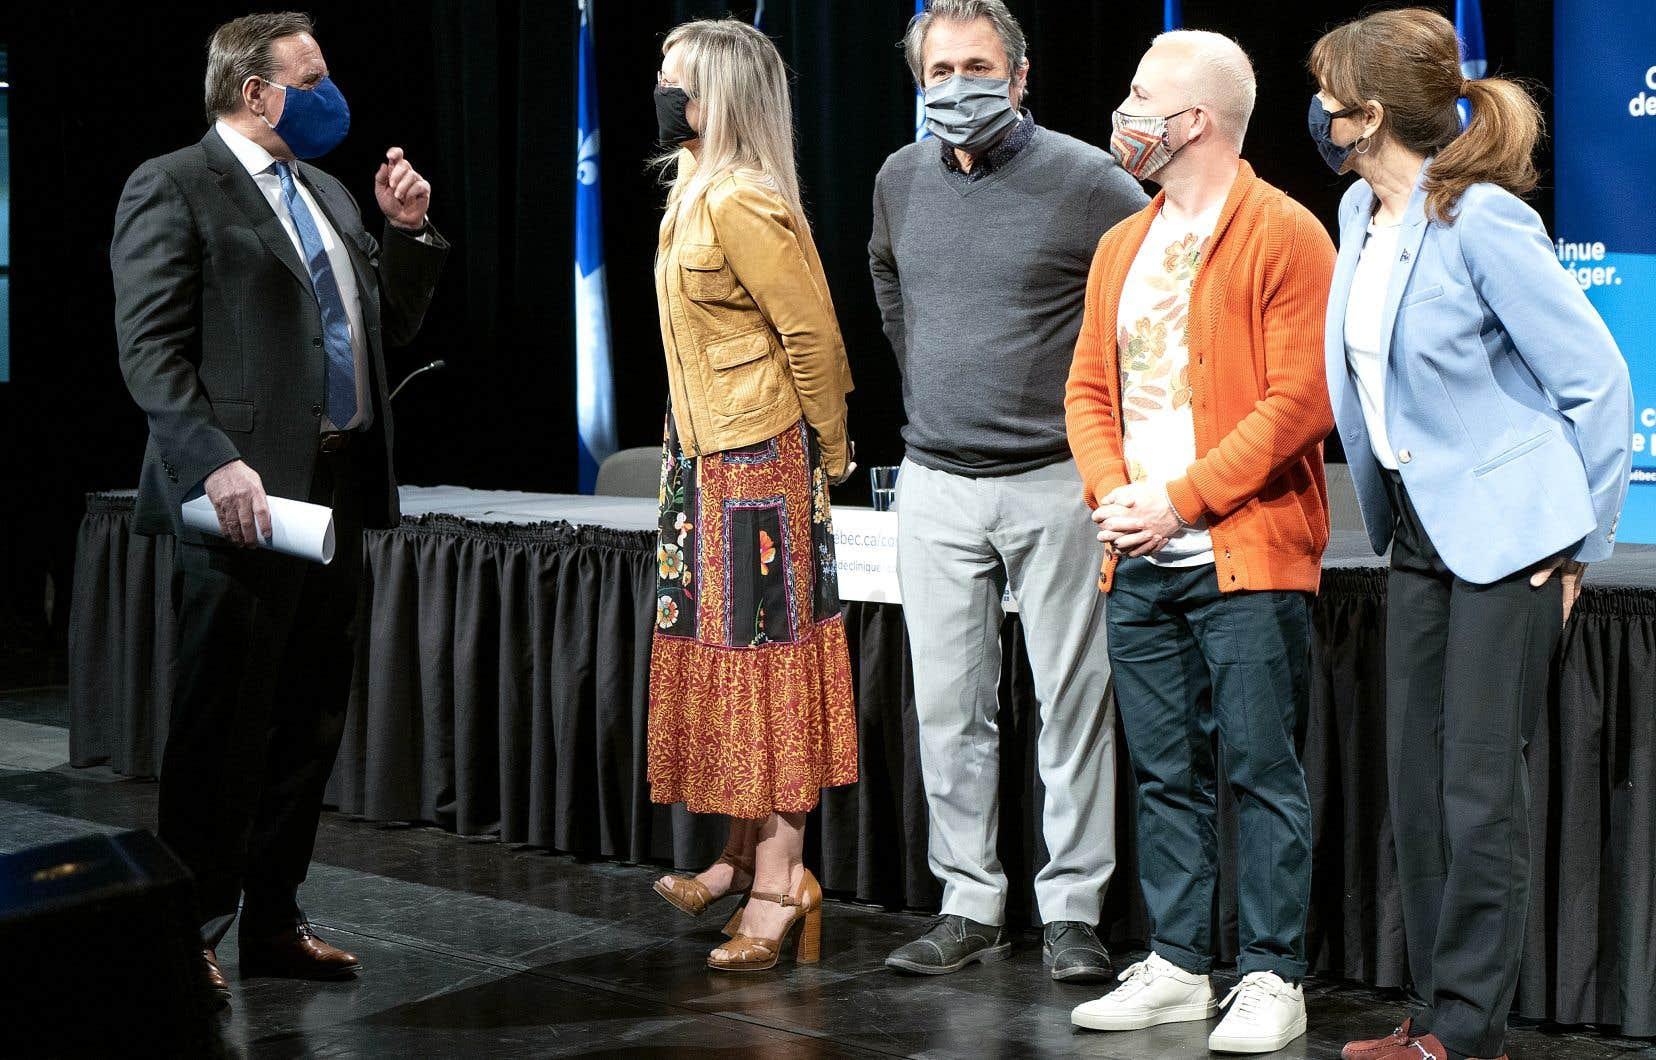 Le premier ministre, François Legault, et la ministre de la Culture, Nathalie Roy (à droite), se sont adressés aux représentants du milieu culturel présents lors de la conférence de presse, Sophie Prégent, la présidente de l'Union des artistes, Luc Fortin, le président de la Guilde des musiciens et des musiciennes du Québec, ainsi que le chef d'orchestre Yannick Nézet-Séguin, lundi après-midi à Montréal.